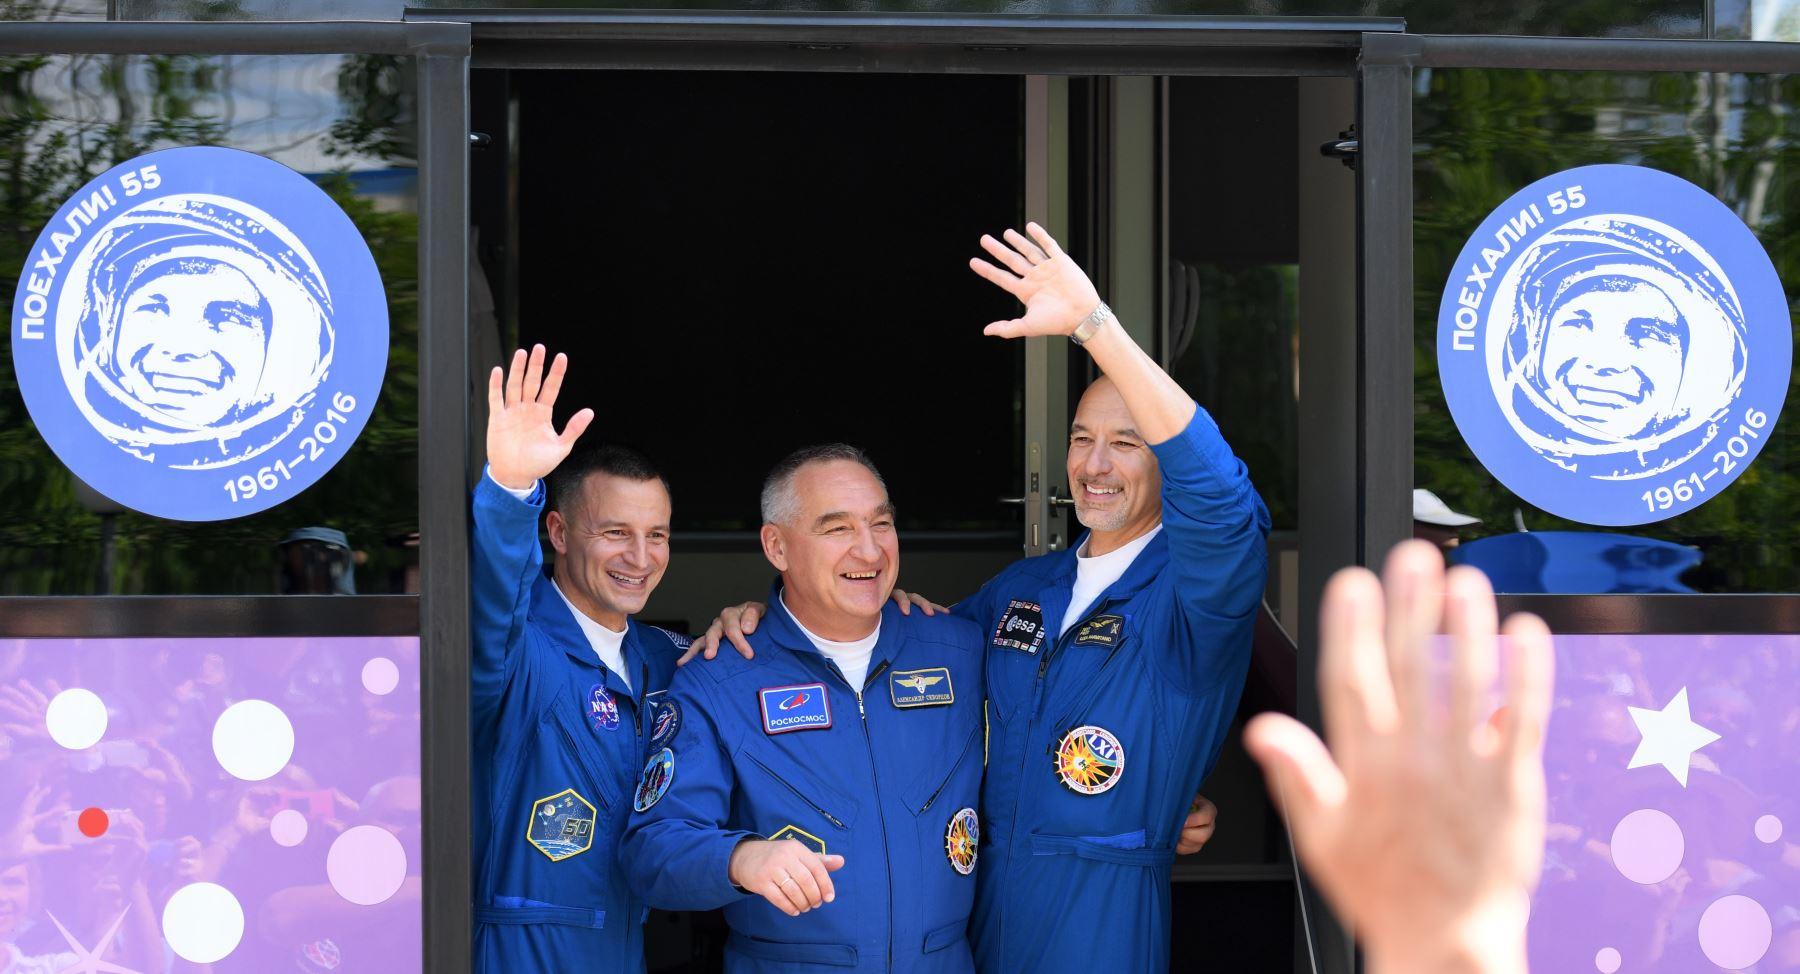 Miembros de la expedición 60/61 de la Estación Espacial Internacional (ISS), el astronauta de la NASA Andrew Morgan, el cosmonauta ruso Alexander Skvortsov y el astronauta italiano Luca Parmitano de la ESA (Agencia Espacial Europea) saludan al abordar un autobús durante una ceremonia de despedida fuera del hotel Cosmonaut antes del lanzamiento a bordo de la nave espacial Soyuz MS-13 del cosmódromo Baikonur arrendado por Rusia en Kazajstán. AFP